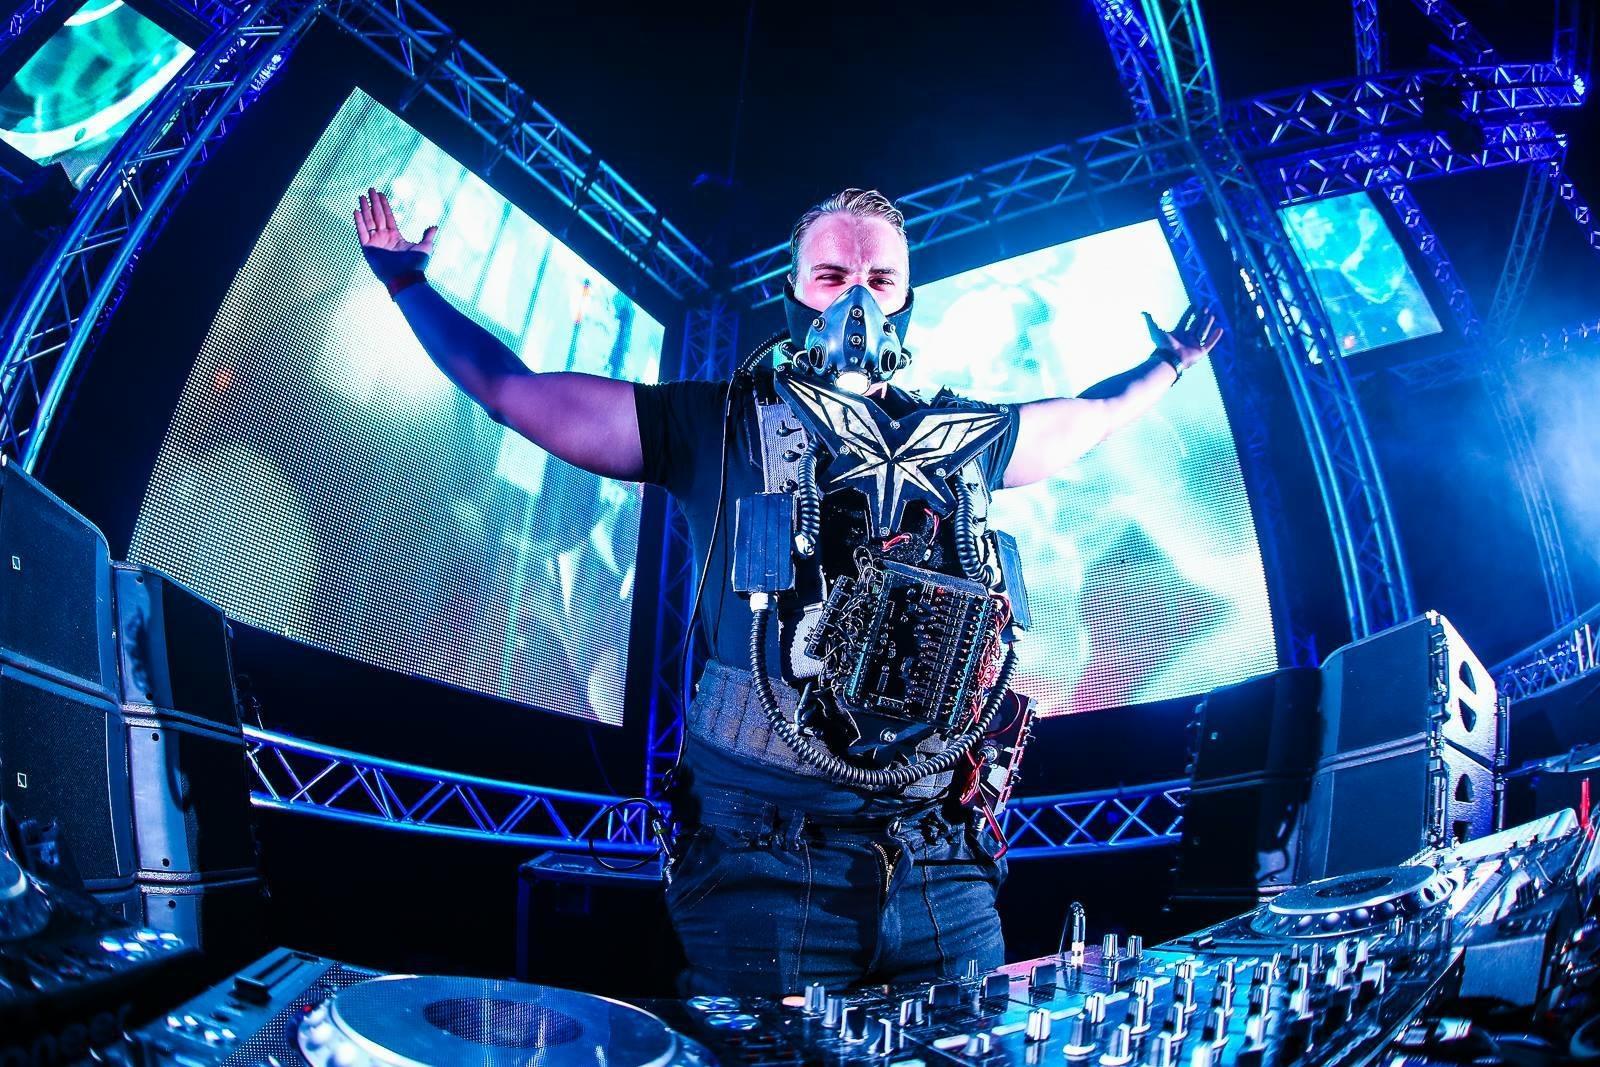 ハードスタイルシーンの若きスター、Radical Redemption(ラジカル・リデンプション)が「Joule Osaka」に出演決定!